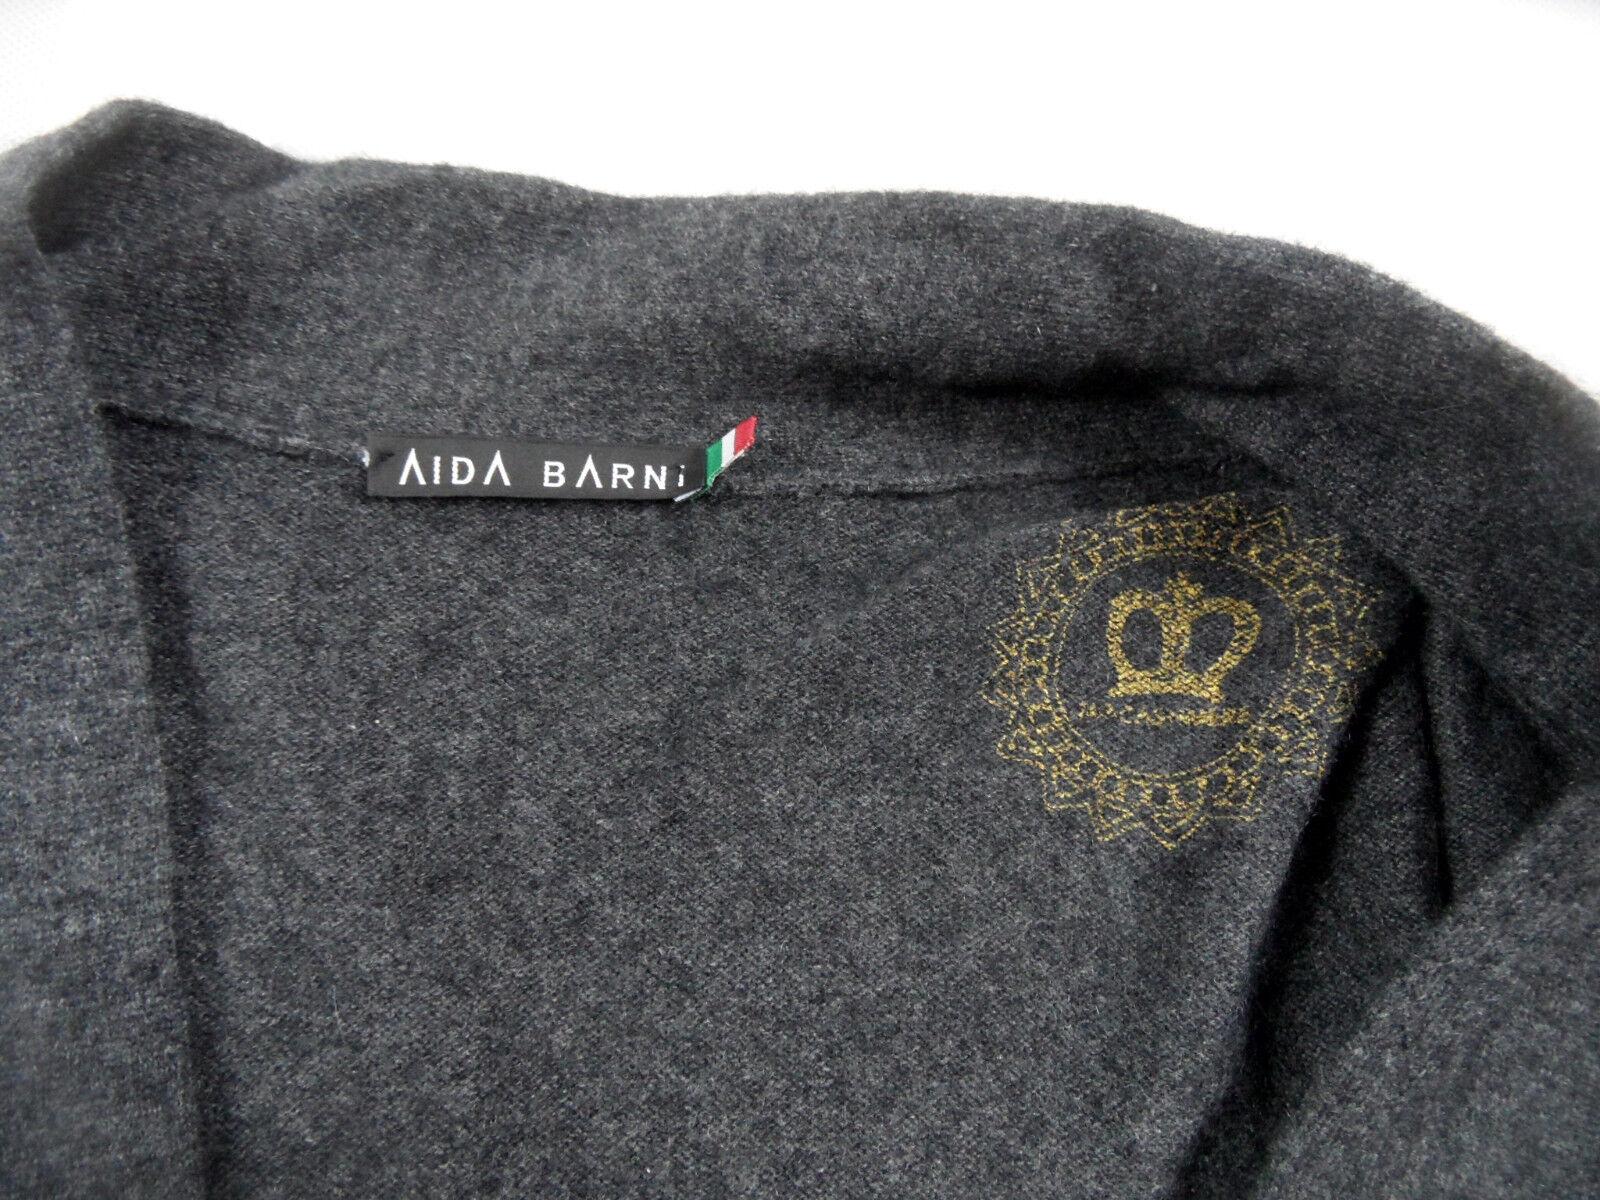 AIDA Barni di alta qualità lunga lunga lunga Cardigan 100% Cashmere Taglia M Top bi618 8d4f51